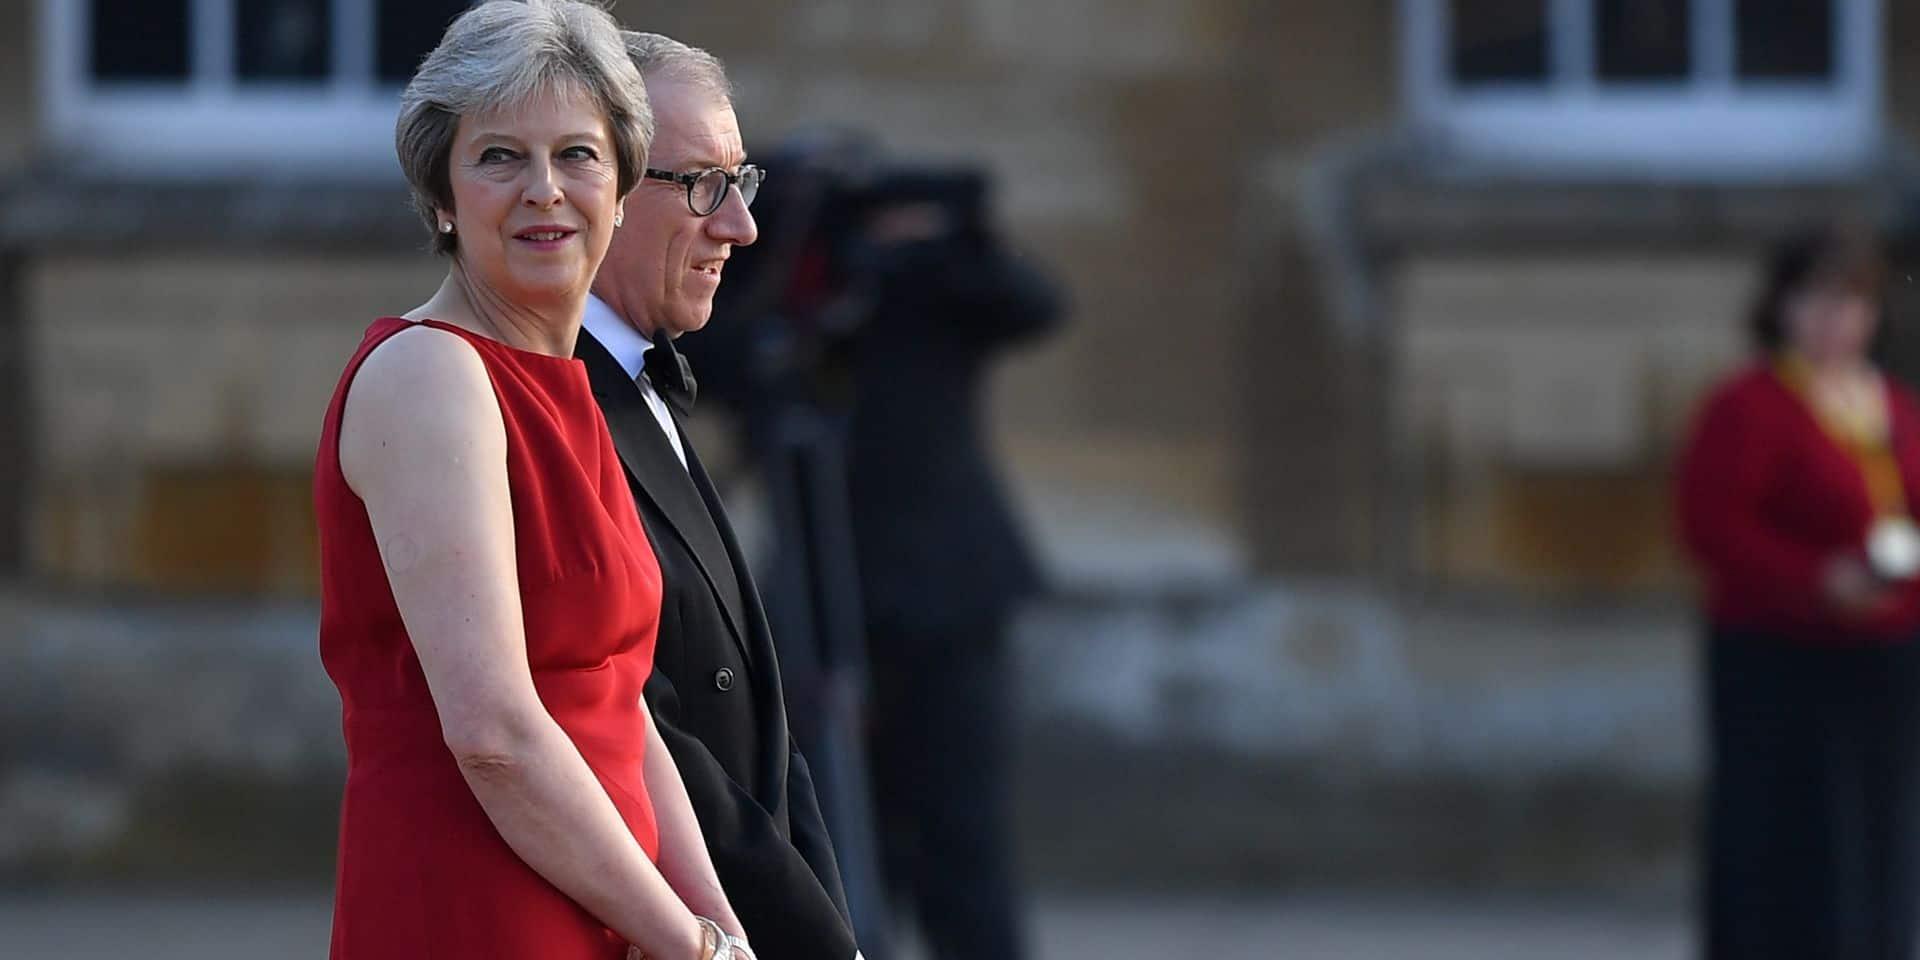 Theresa May à l'heure de la séduction